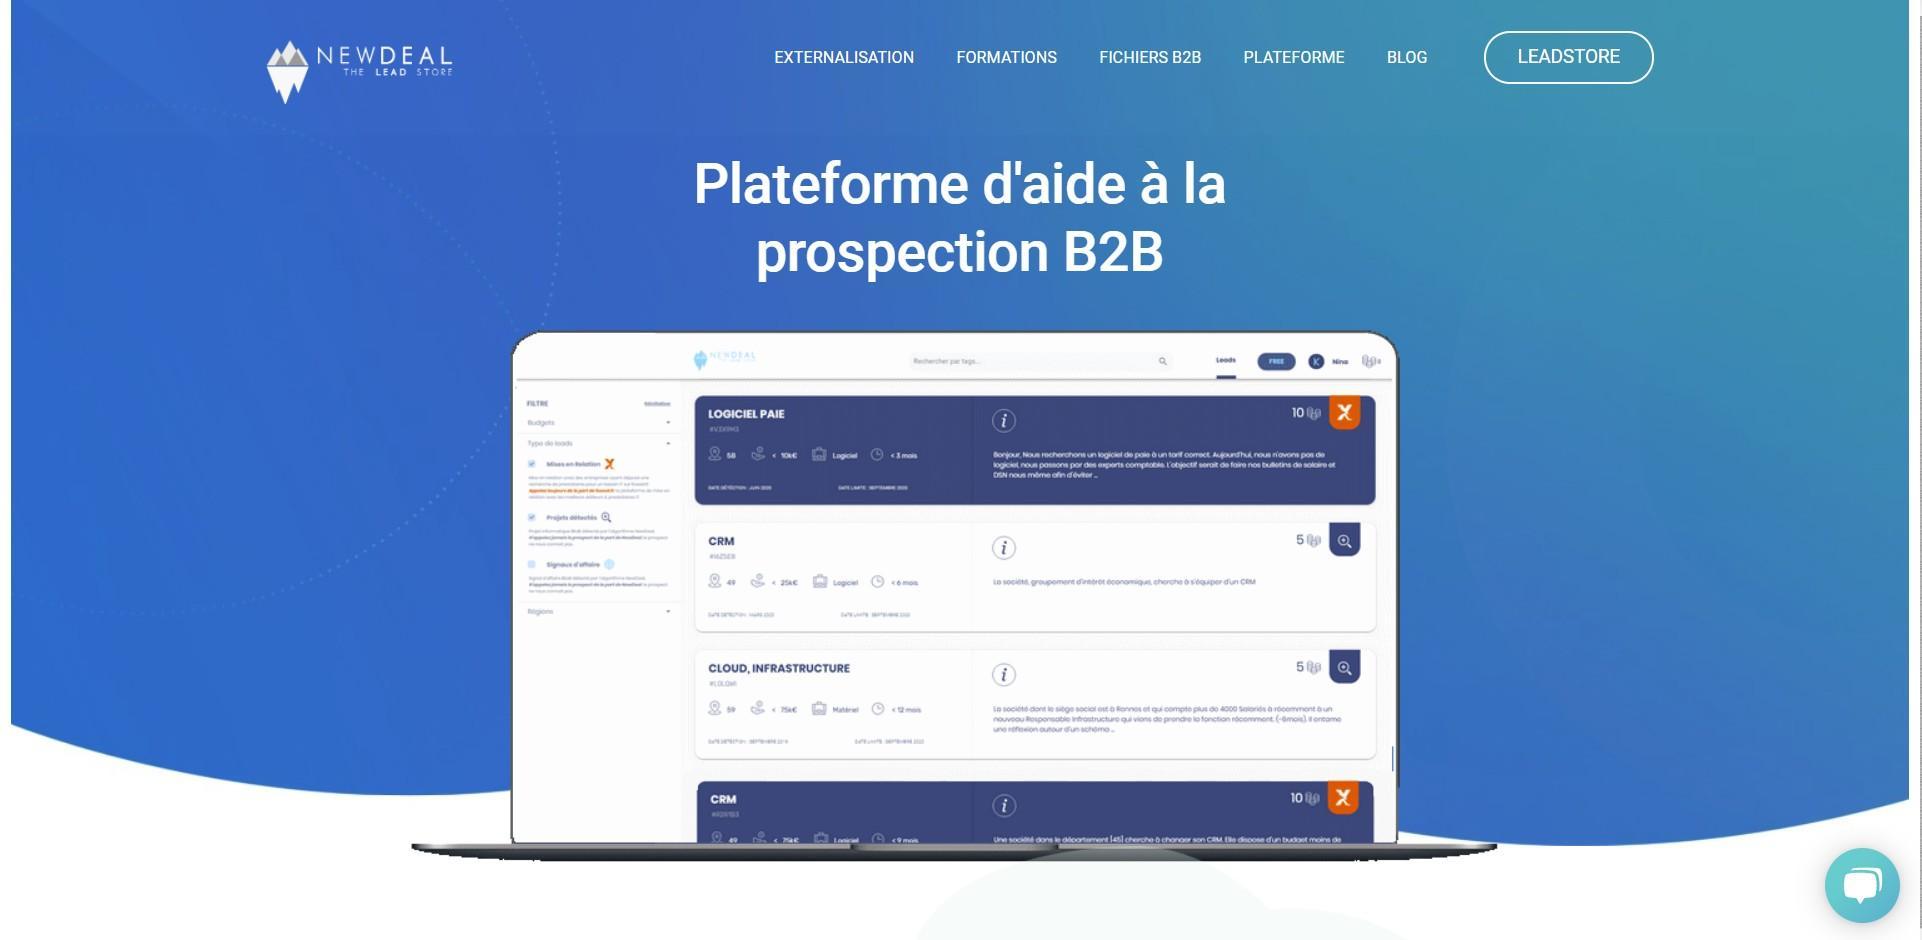 newdealtheleadstore.com - - plateforme d'aide à la prospection - spécialiste de la détection de projet informatique B2B